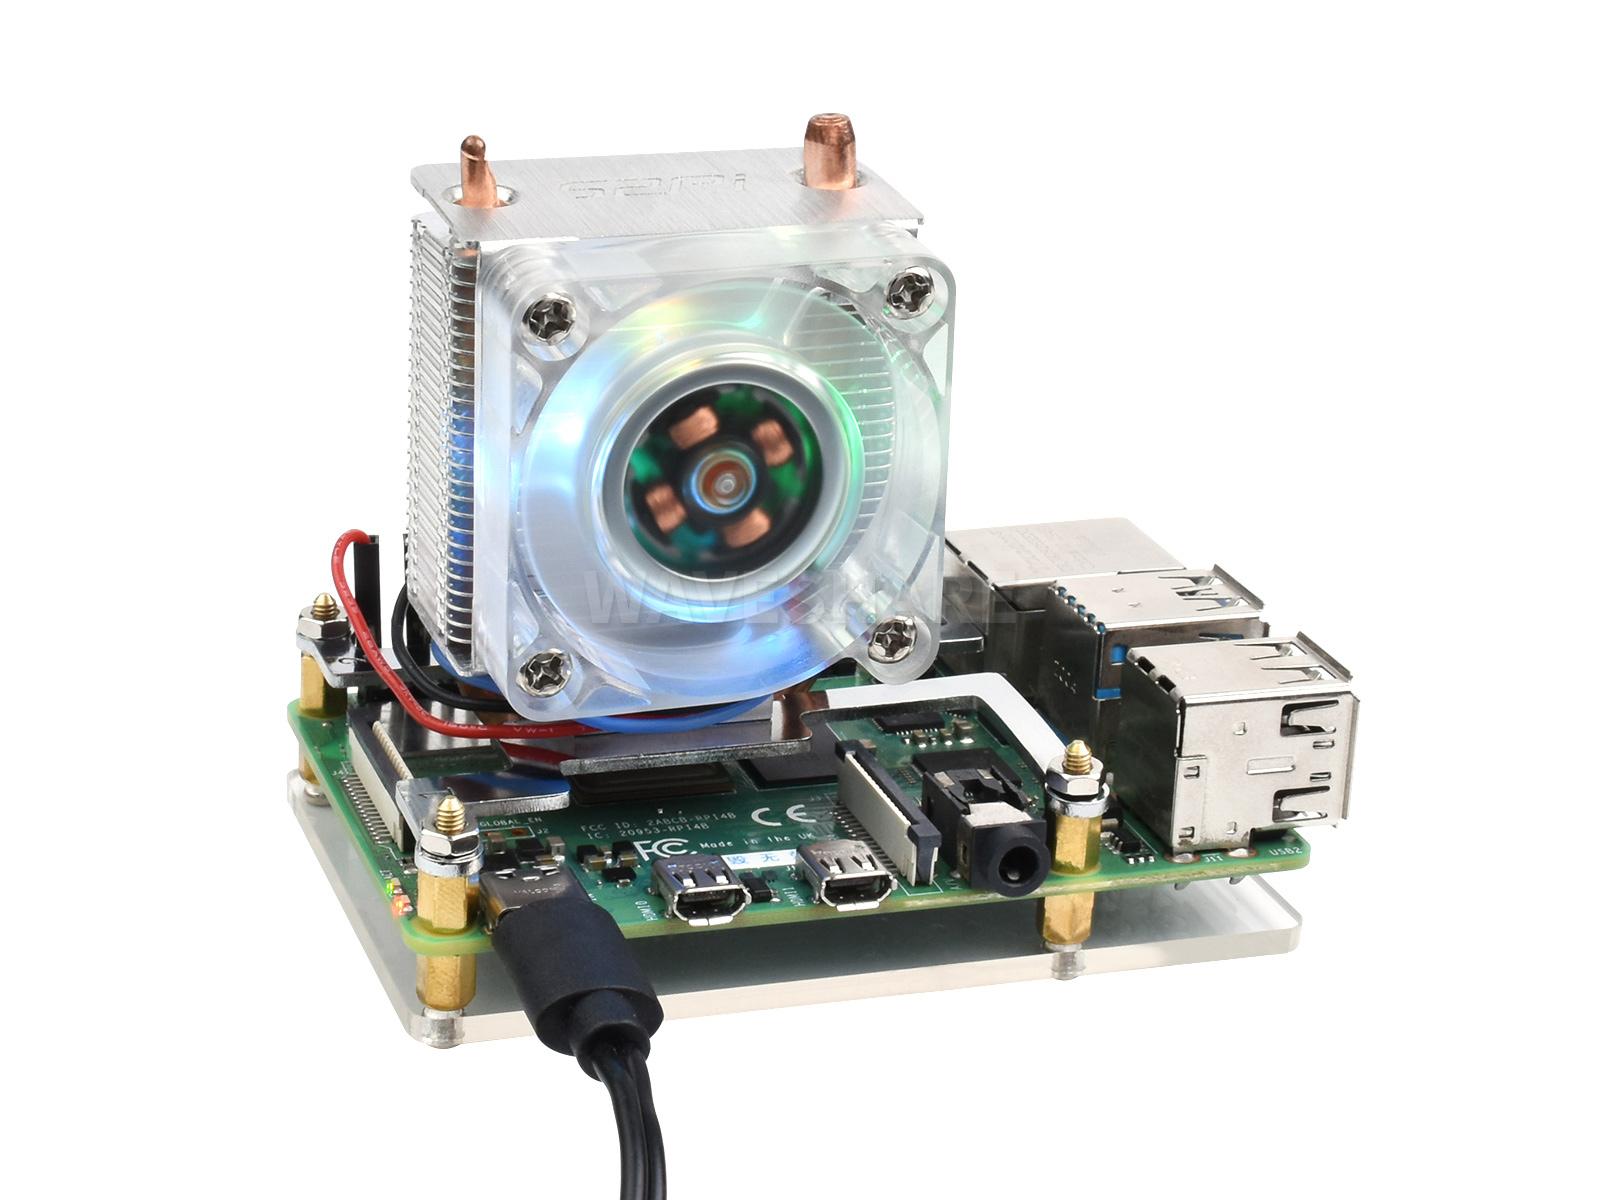 树莓派小冰塔CPU散热风扇 U型铜管 鳍片散热 塔式RGB炫彩风扇 树莓派4/3B+/3B适用